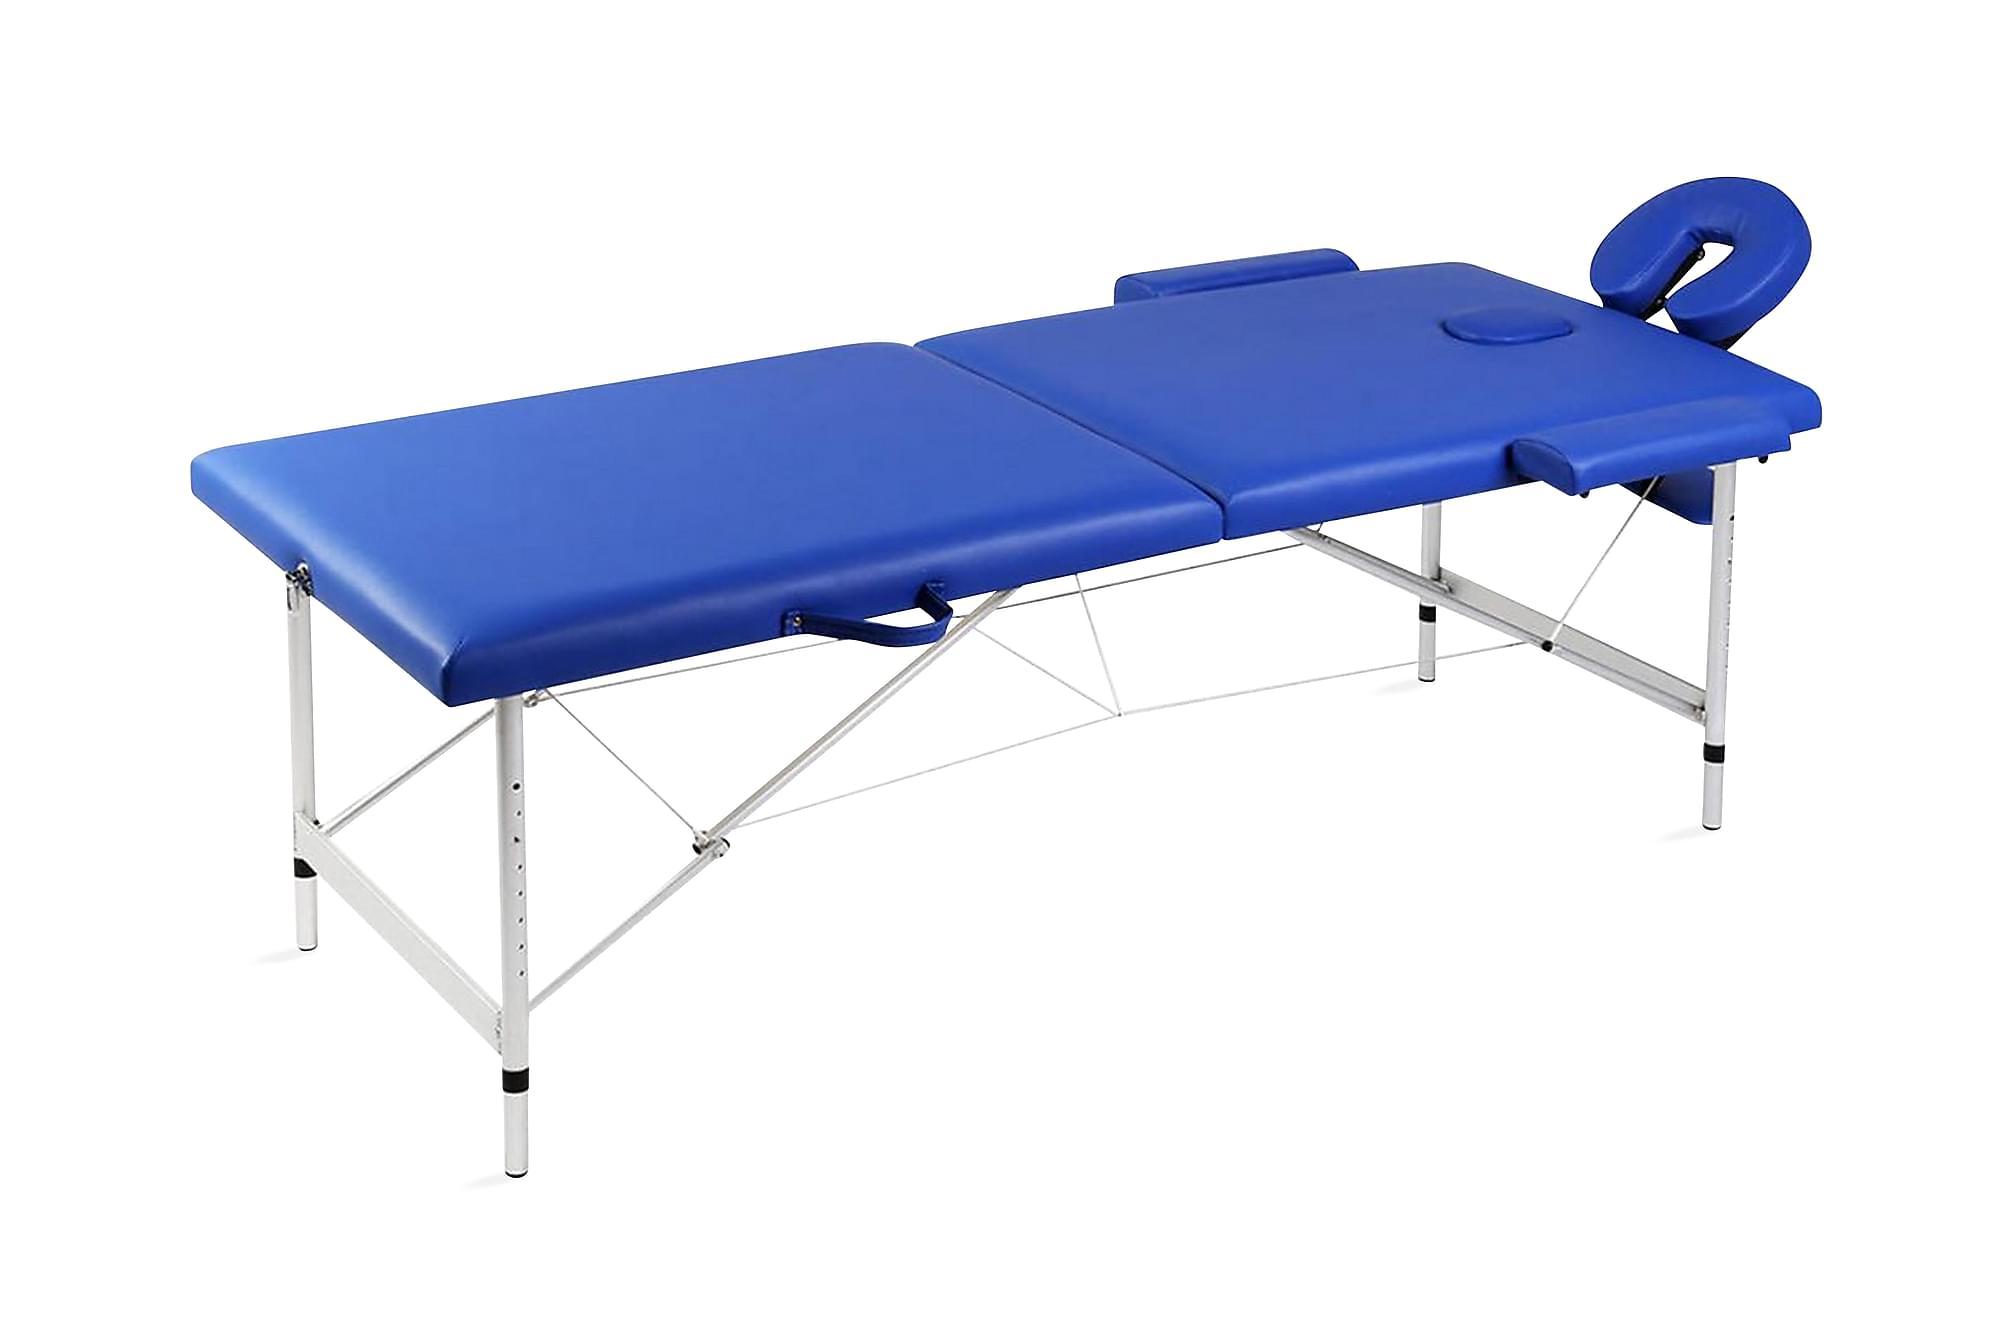 Blå hopfällbar 2-sektions massagebänk med aluminium ram, Massagebord